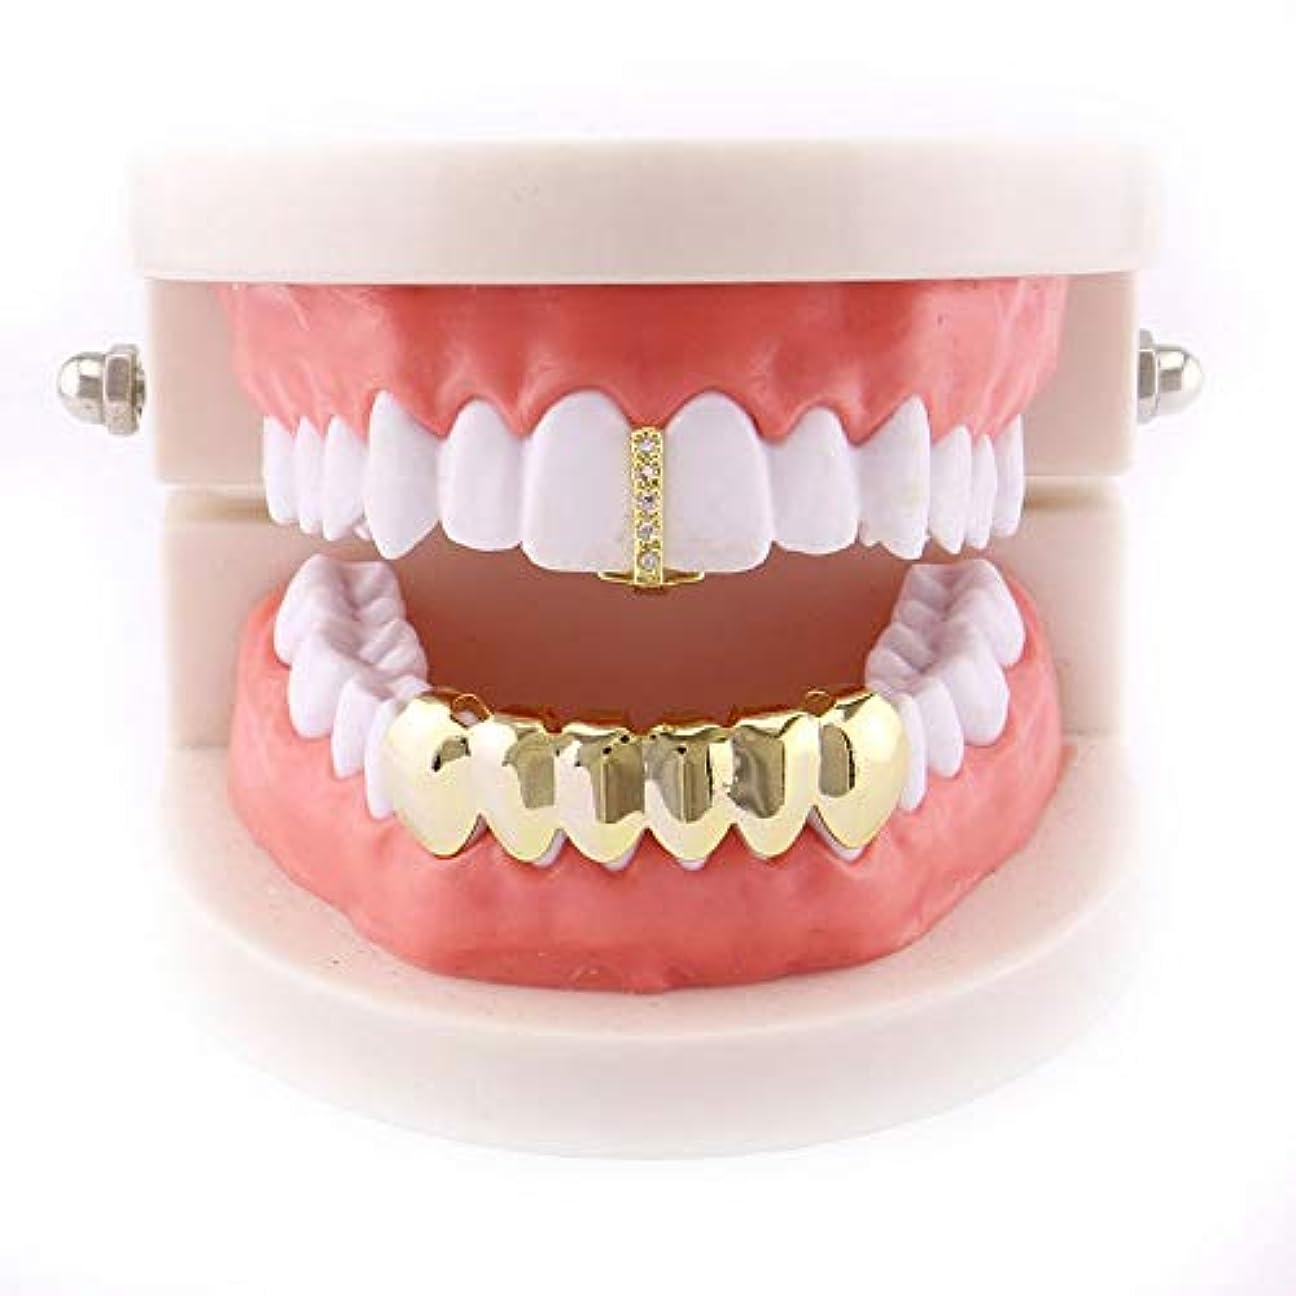 ほうき気づくベールマウストップデンタルグリル用 歯グリルヒップホップセット(1トップ&6ボトム)クリスタルCZは男性/女性のギフトのための金/スライバの歯のグリルキャップをアイシングアウト ゴールドメッキヒップホップポーカー歯キャップ (...